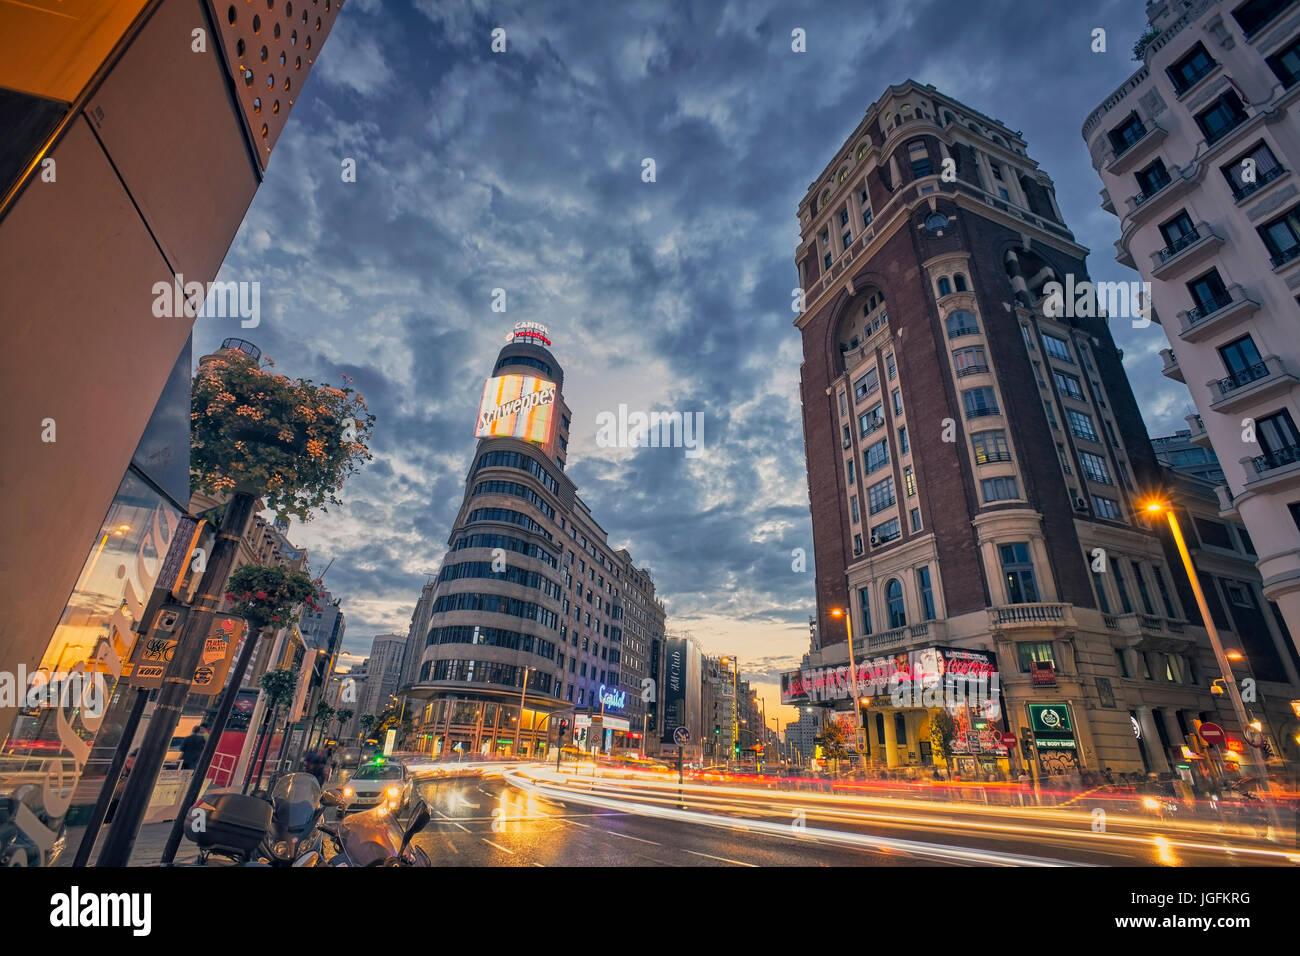 Callao square et de la rue Gran Via, au crépuscule. Madrid, Espagne. Photo Stock